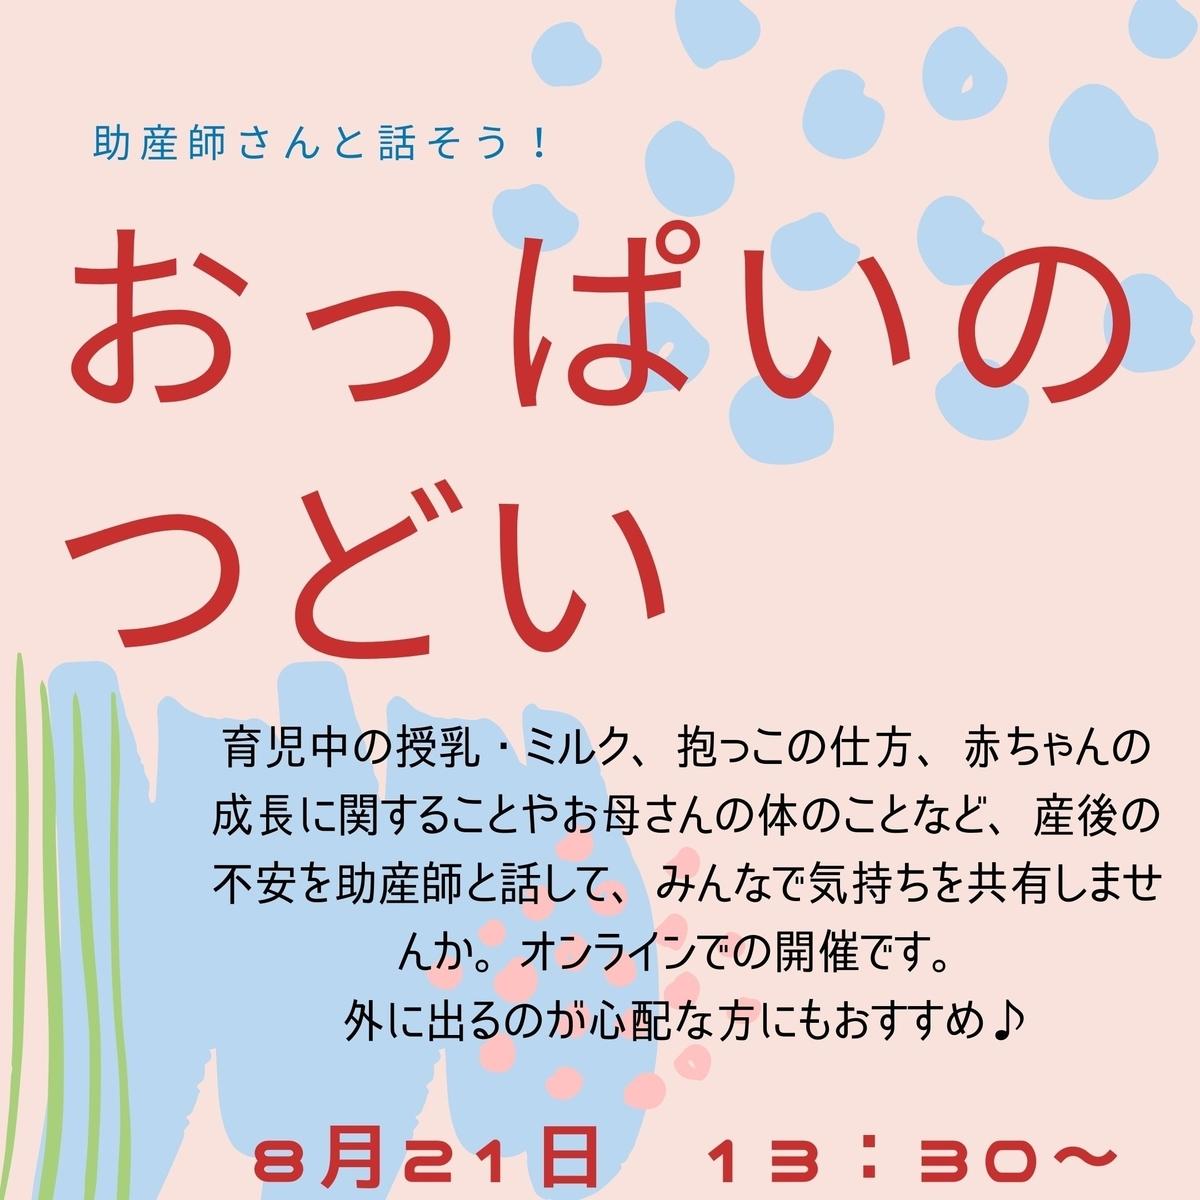 f:id:machinohokensitsu:20200806154637j:plain